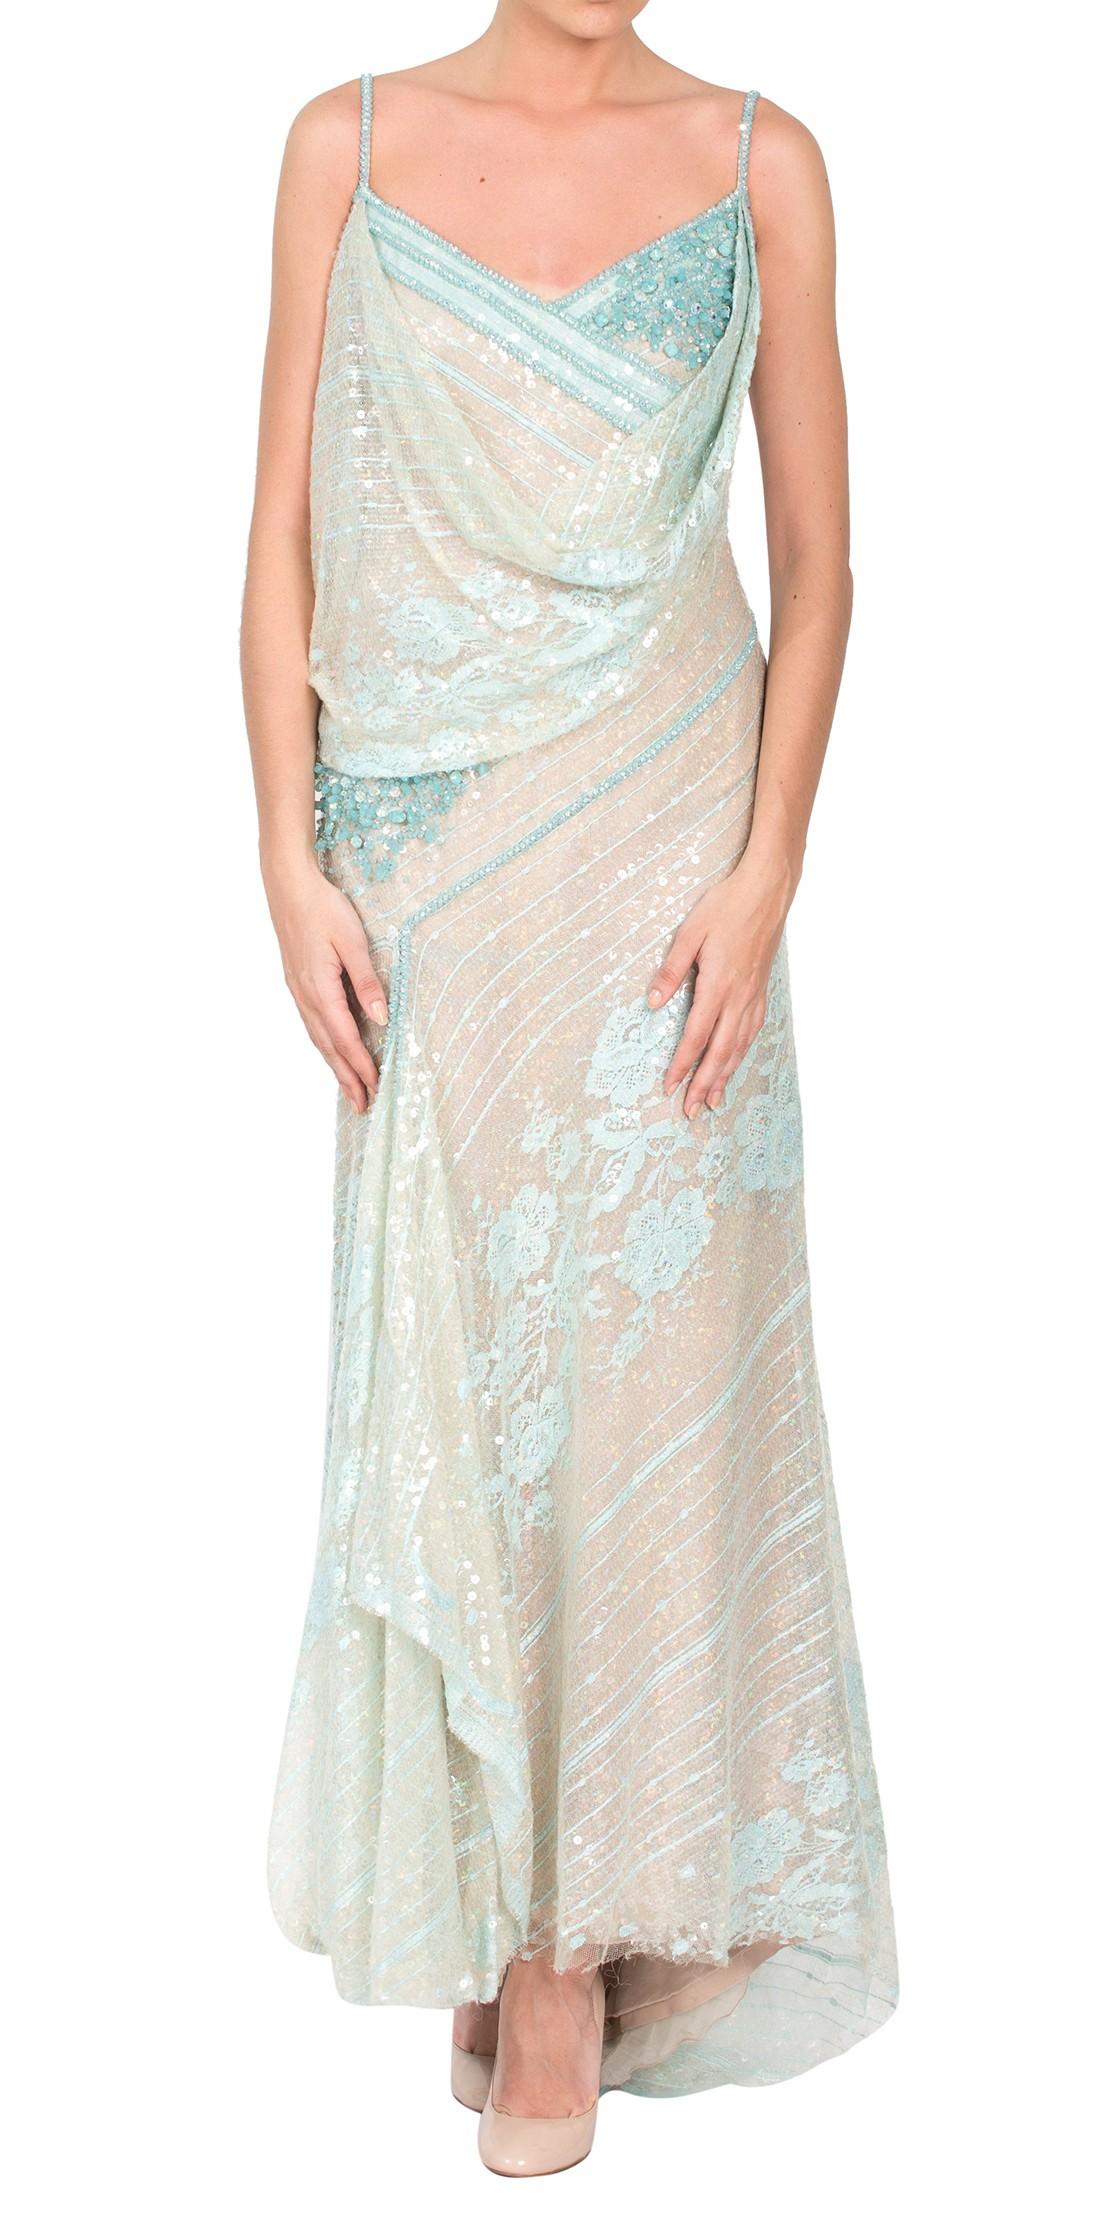 Abed Mahfouz Sequined Sleeveless Dress